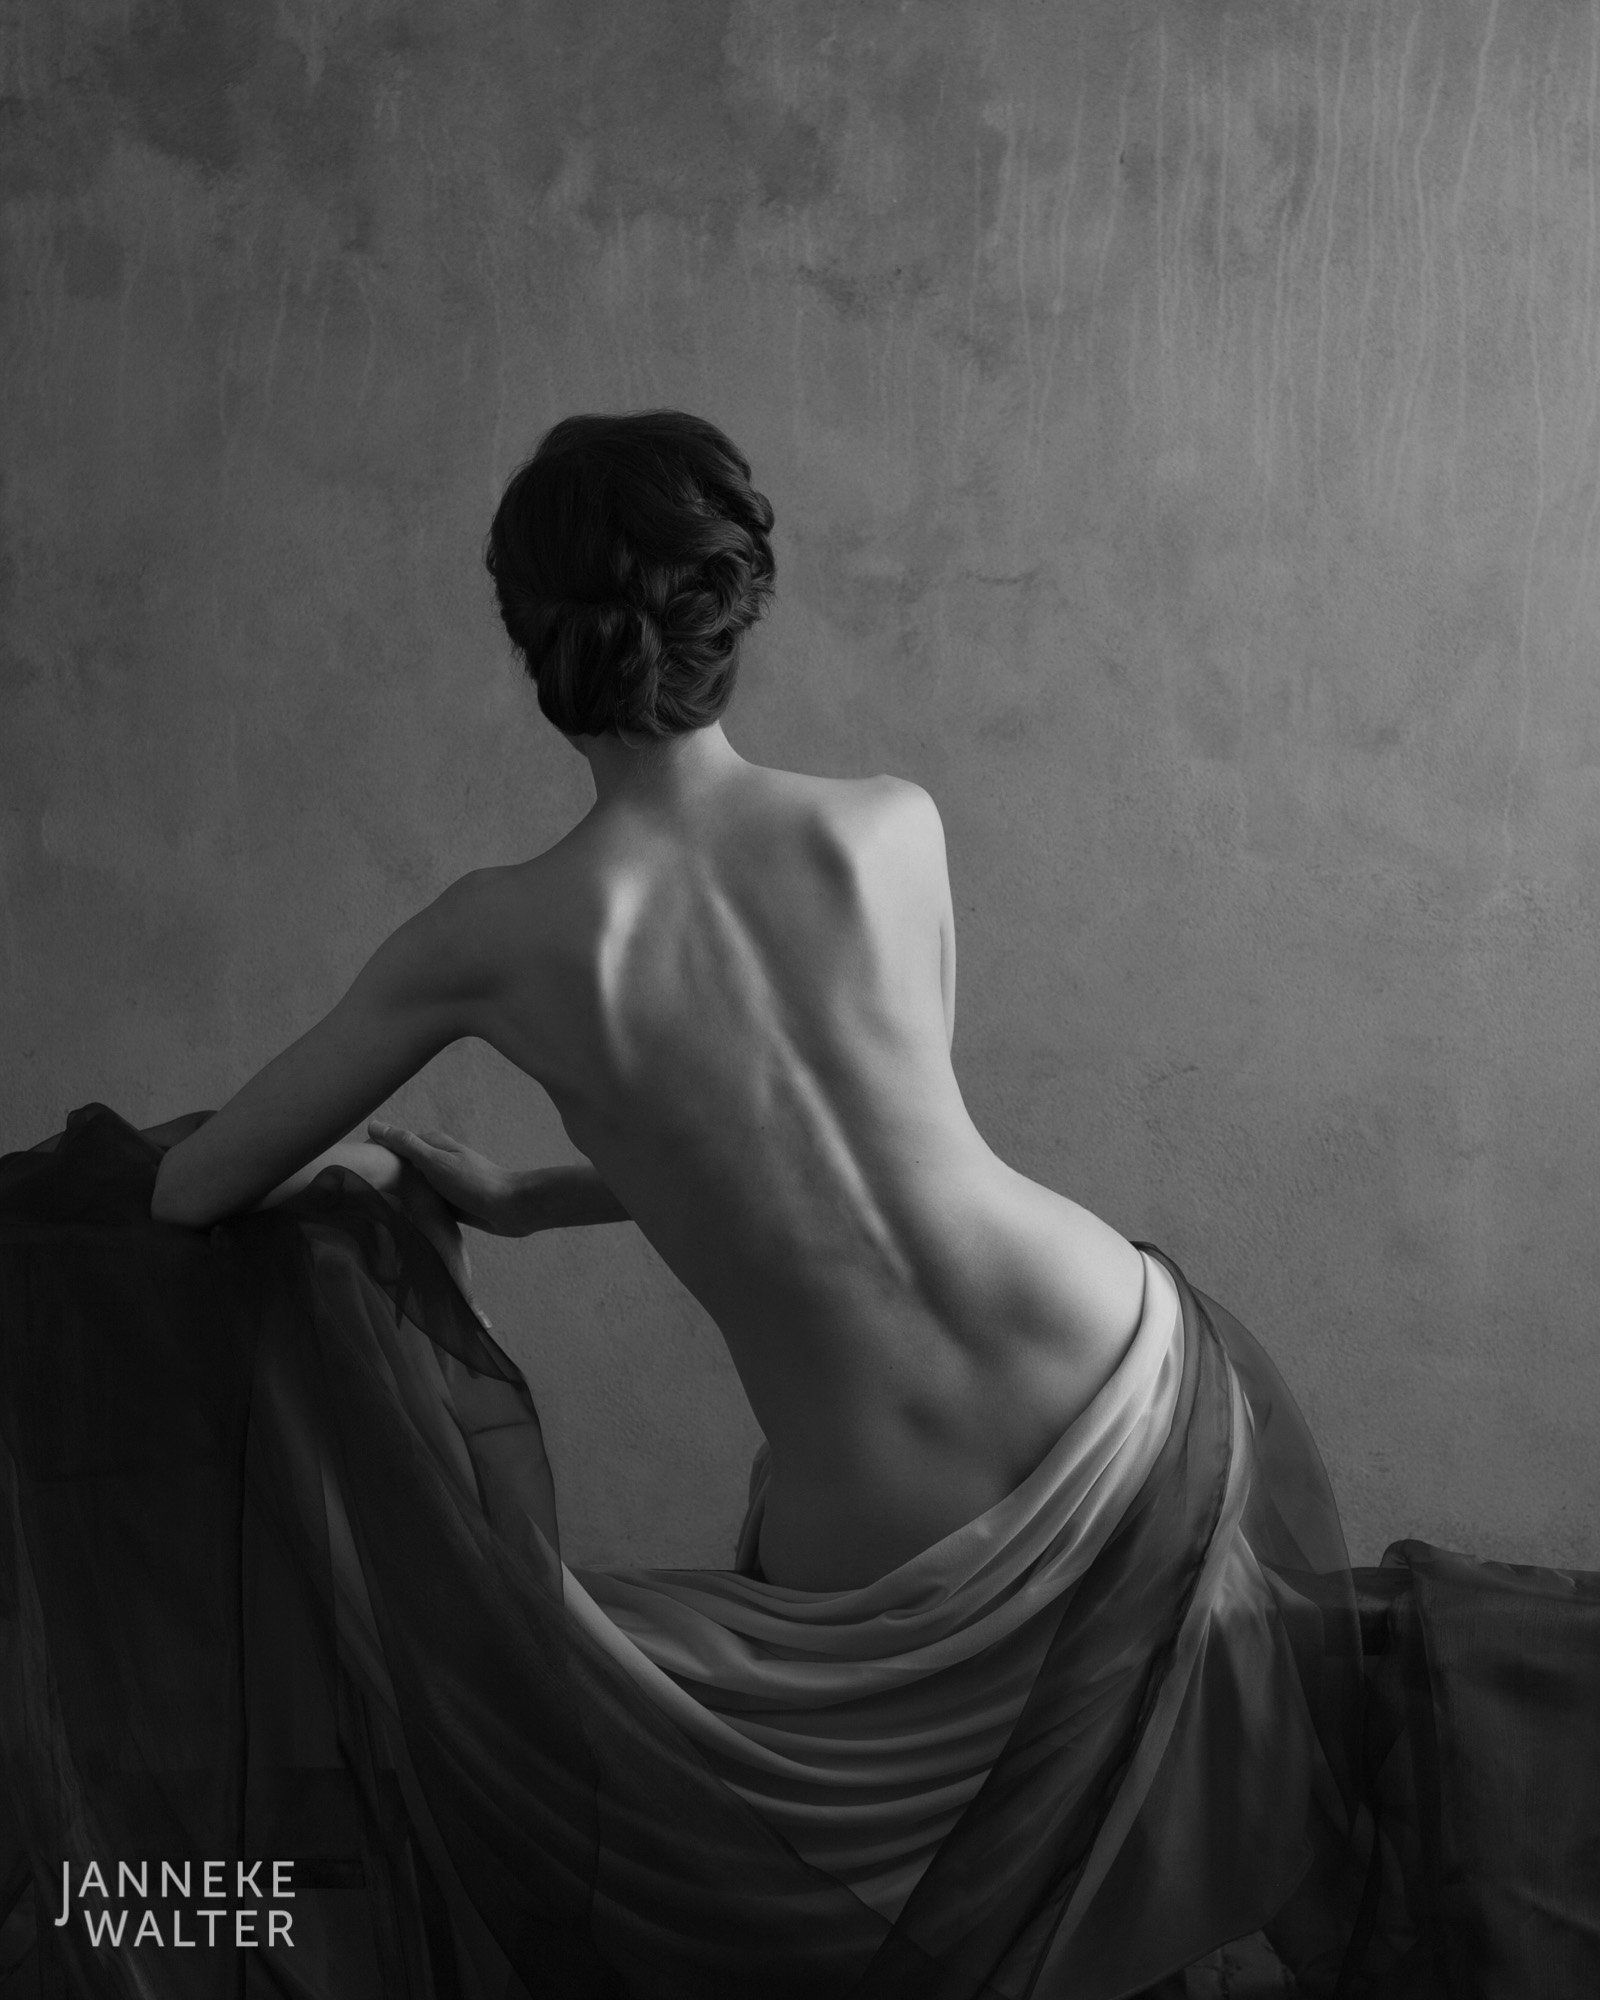 Fine art naakt foto vrouw met gedrapeerde doeken  © Janneke Walter, fotograaf Utrecht De Bilt, fine art fotografie, naaktfotografie